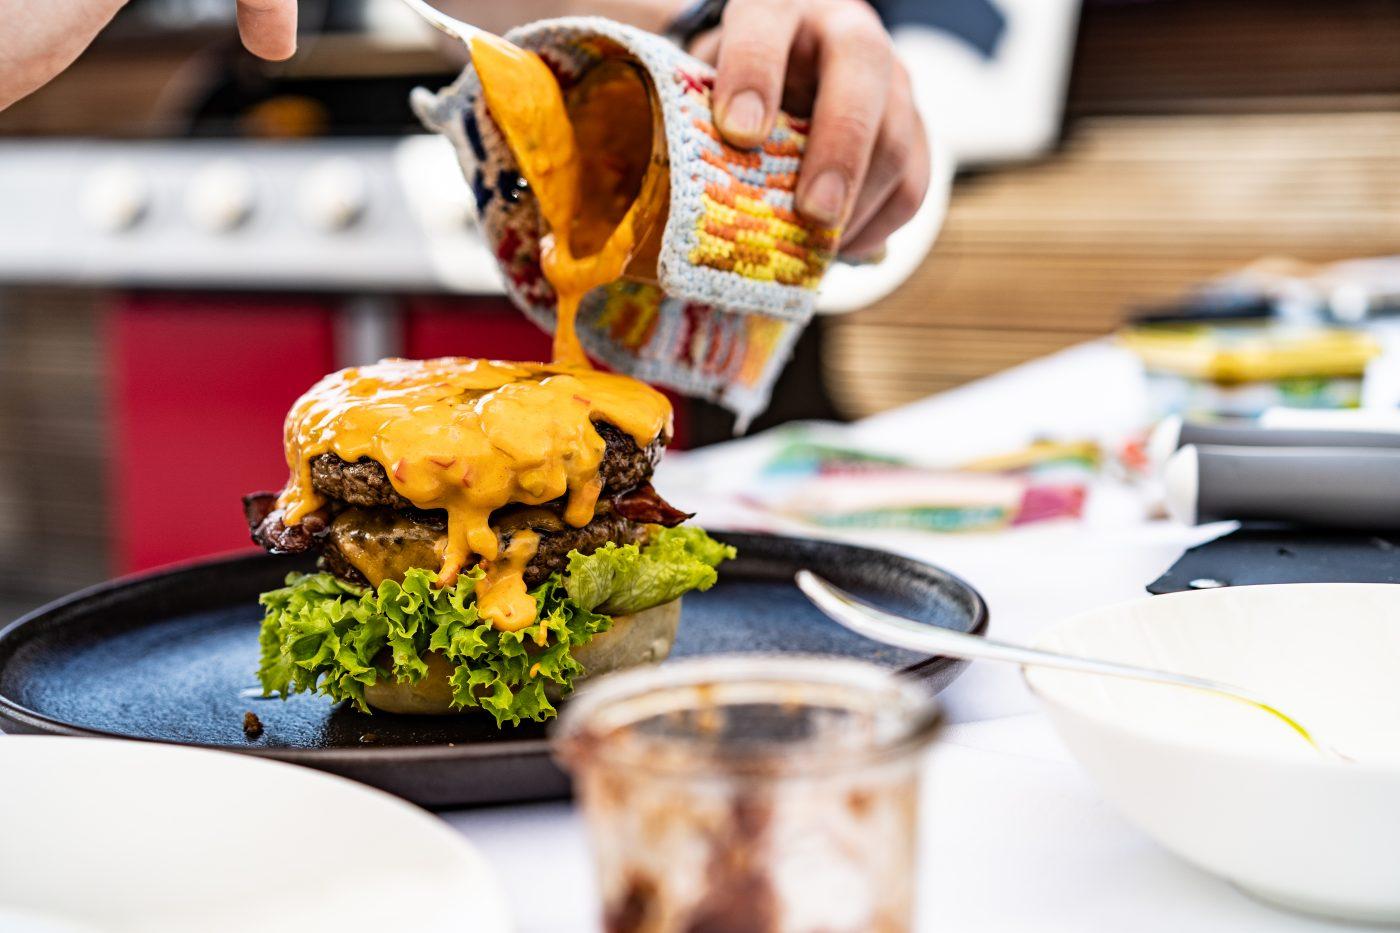 Cheddar Burger Challenge 88 | Wir wissen ja nicht, wie es bei euch so ist, aber wir beide kommen diesen Sommer aus dem Grillen einfach nicht heraus. Aber, wer will das auch schon. Dabei hatten wir in diesem Jahr schon so einige unterschiedliche Zutaten auf dem Grill. Dabei kommt auch immer mal wieder ein leckeres Burger Patty aufs Rost. Heute haben wir aber mal einen etwas anderen Burger für euch. Mit Hähnchen und Kerrygold Cheddar. Also ein Chicken Cheddar Burger.